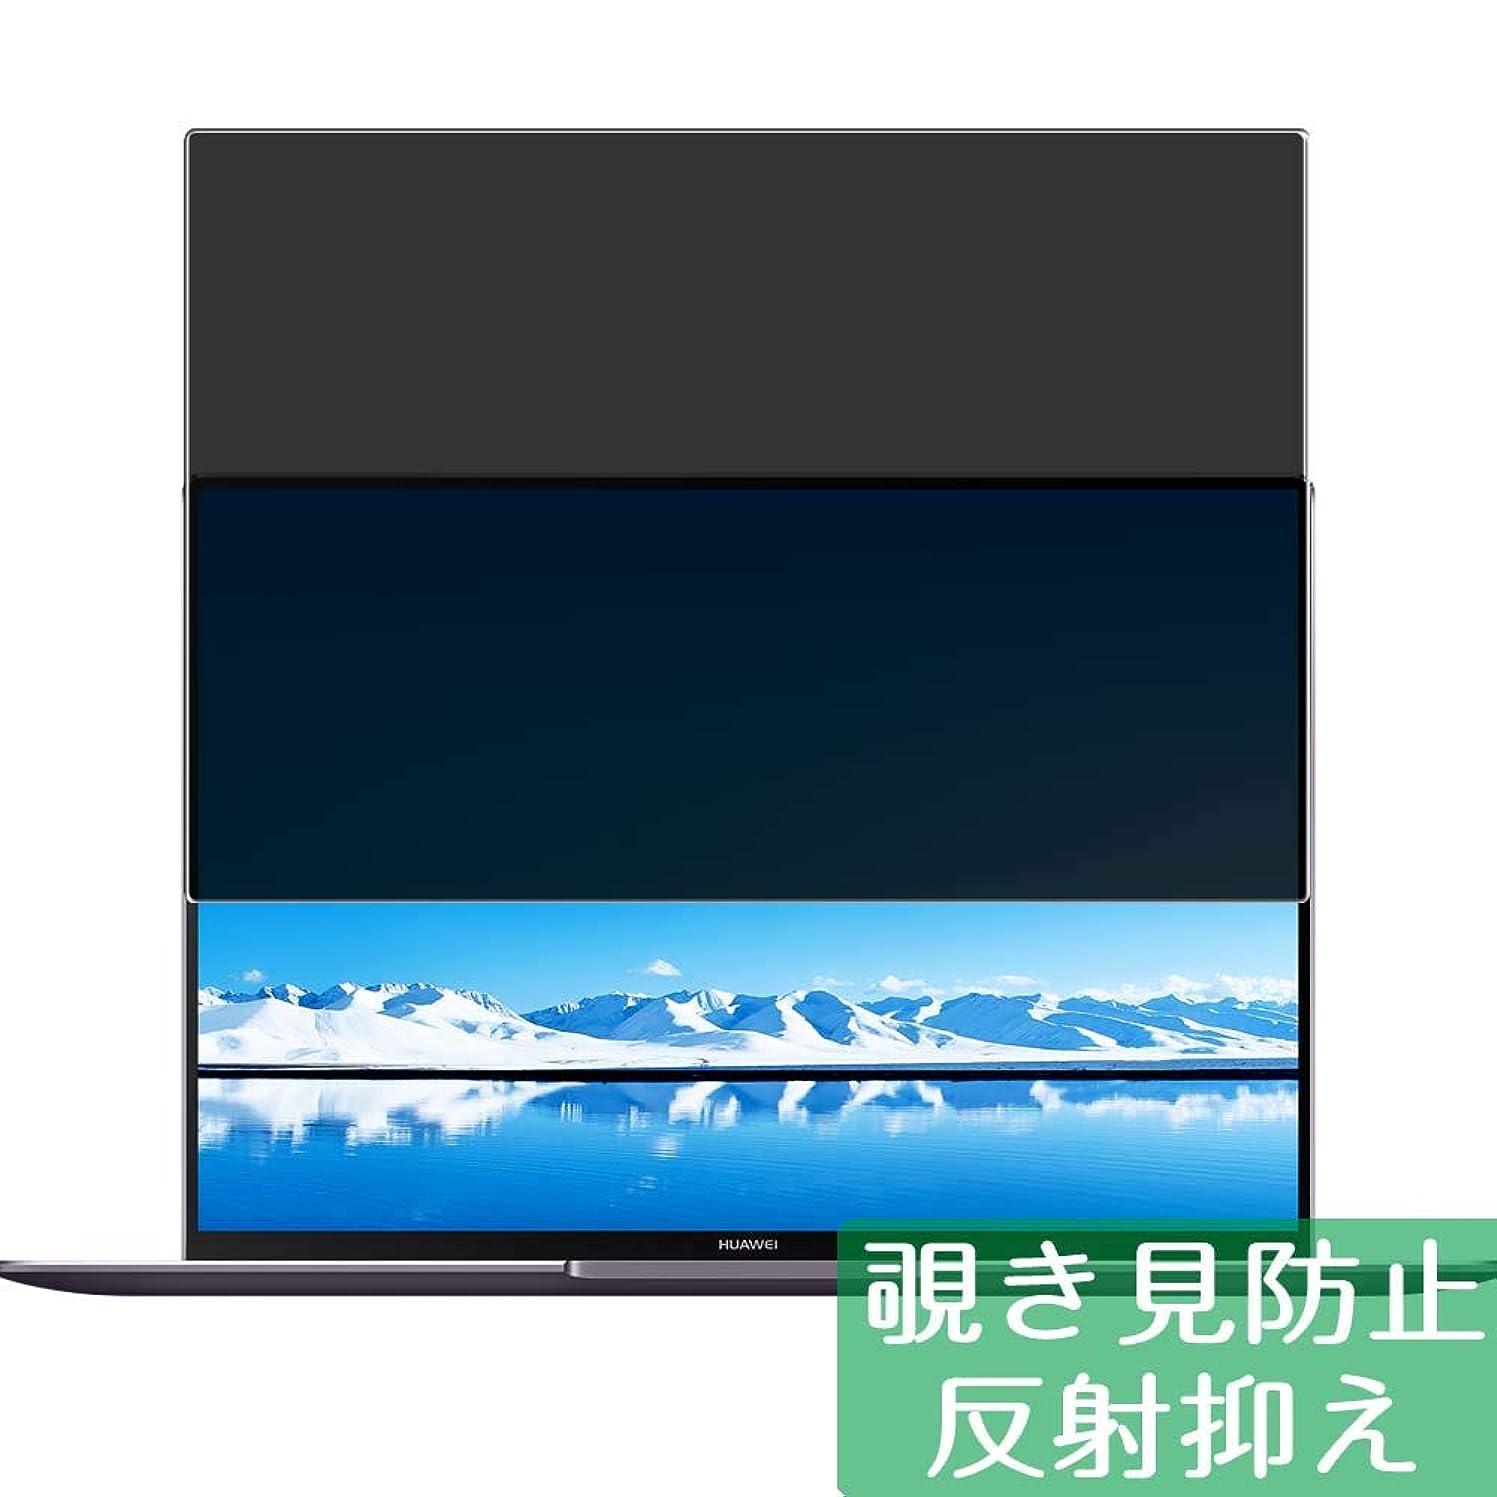 進化する過去パイロットSukix のぞき見防止 HUAWEI Matebook X Pro 13.9 インチ プライバシー保護 反射防止 日本製素材 4H フィルム 保護フィルム 気泡無し 液晶保護 フィルム プロテクター 保護 フィルム(*非 ガラスフィルム 強化ガラス ガラス ) 覗き見 防止 のぞき見 覗き見防止